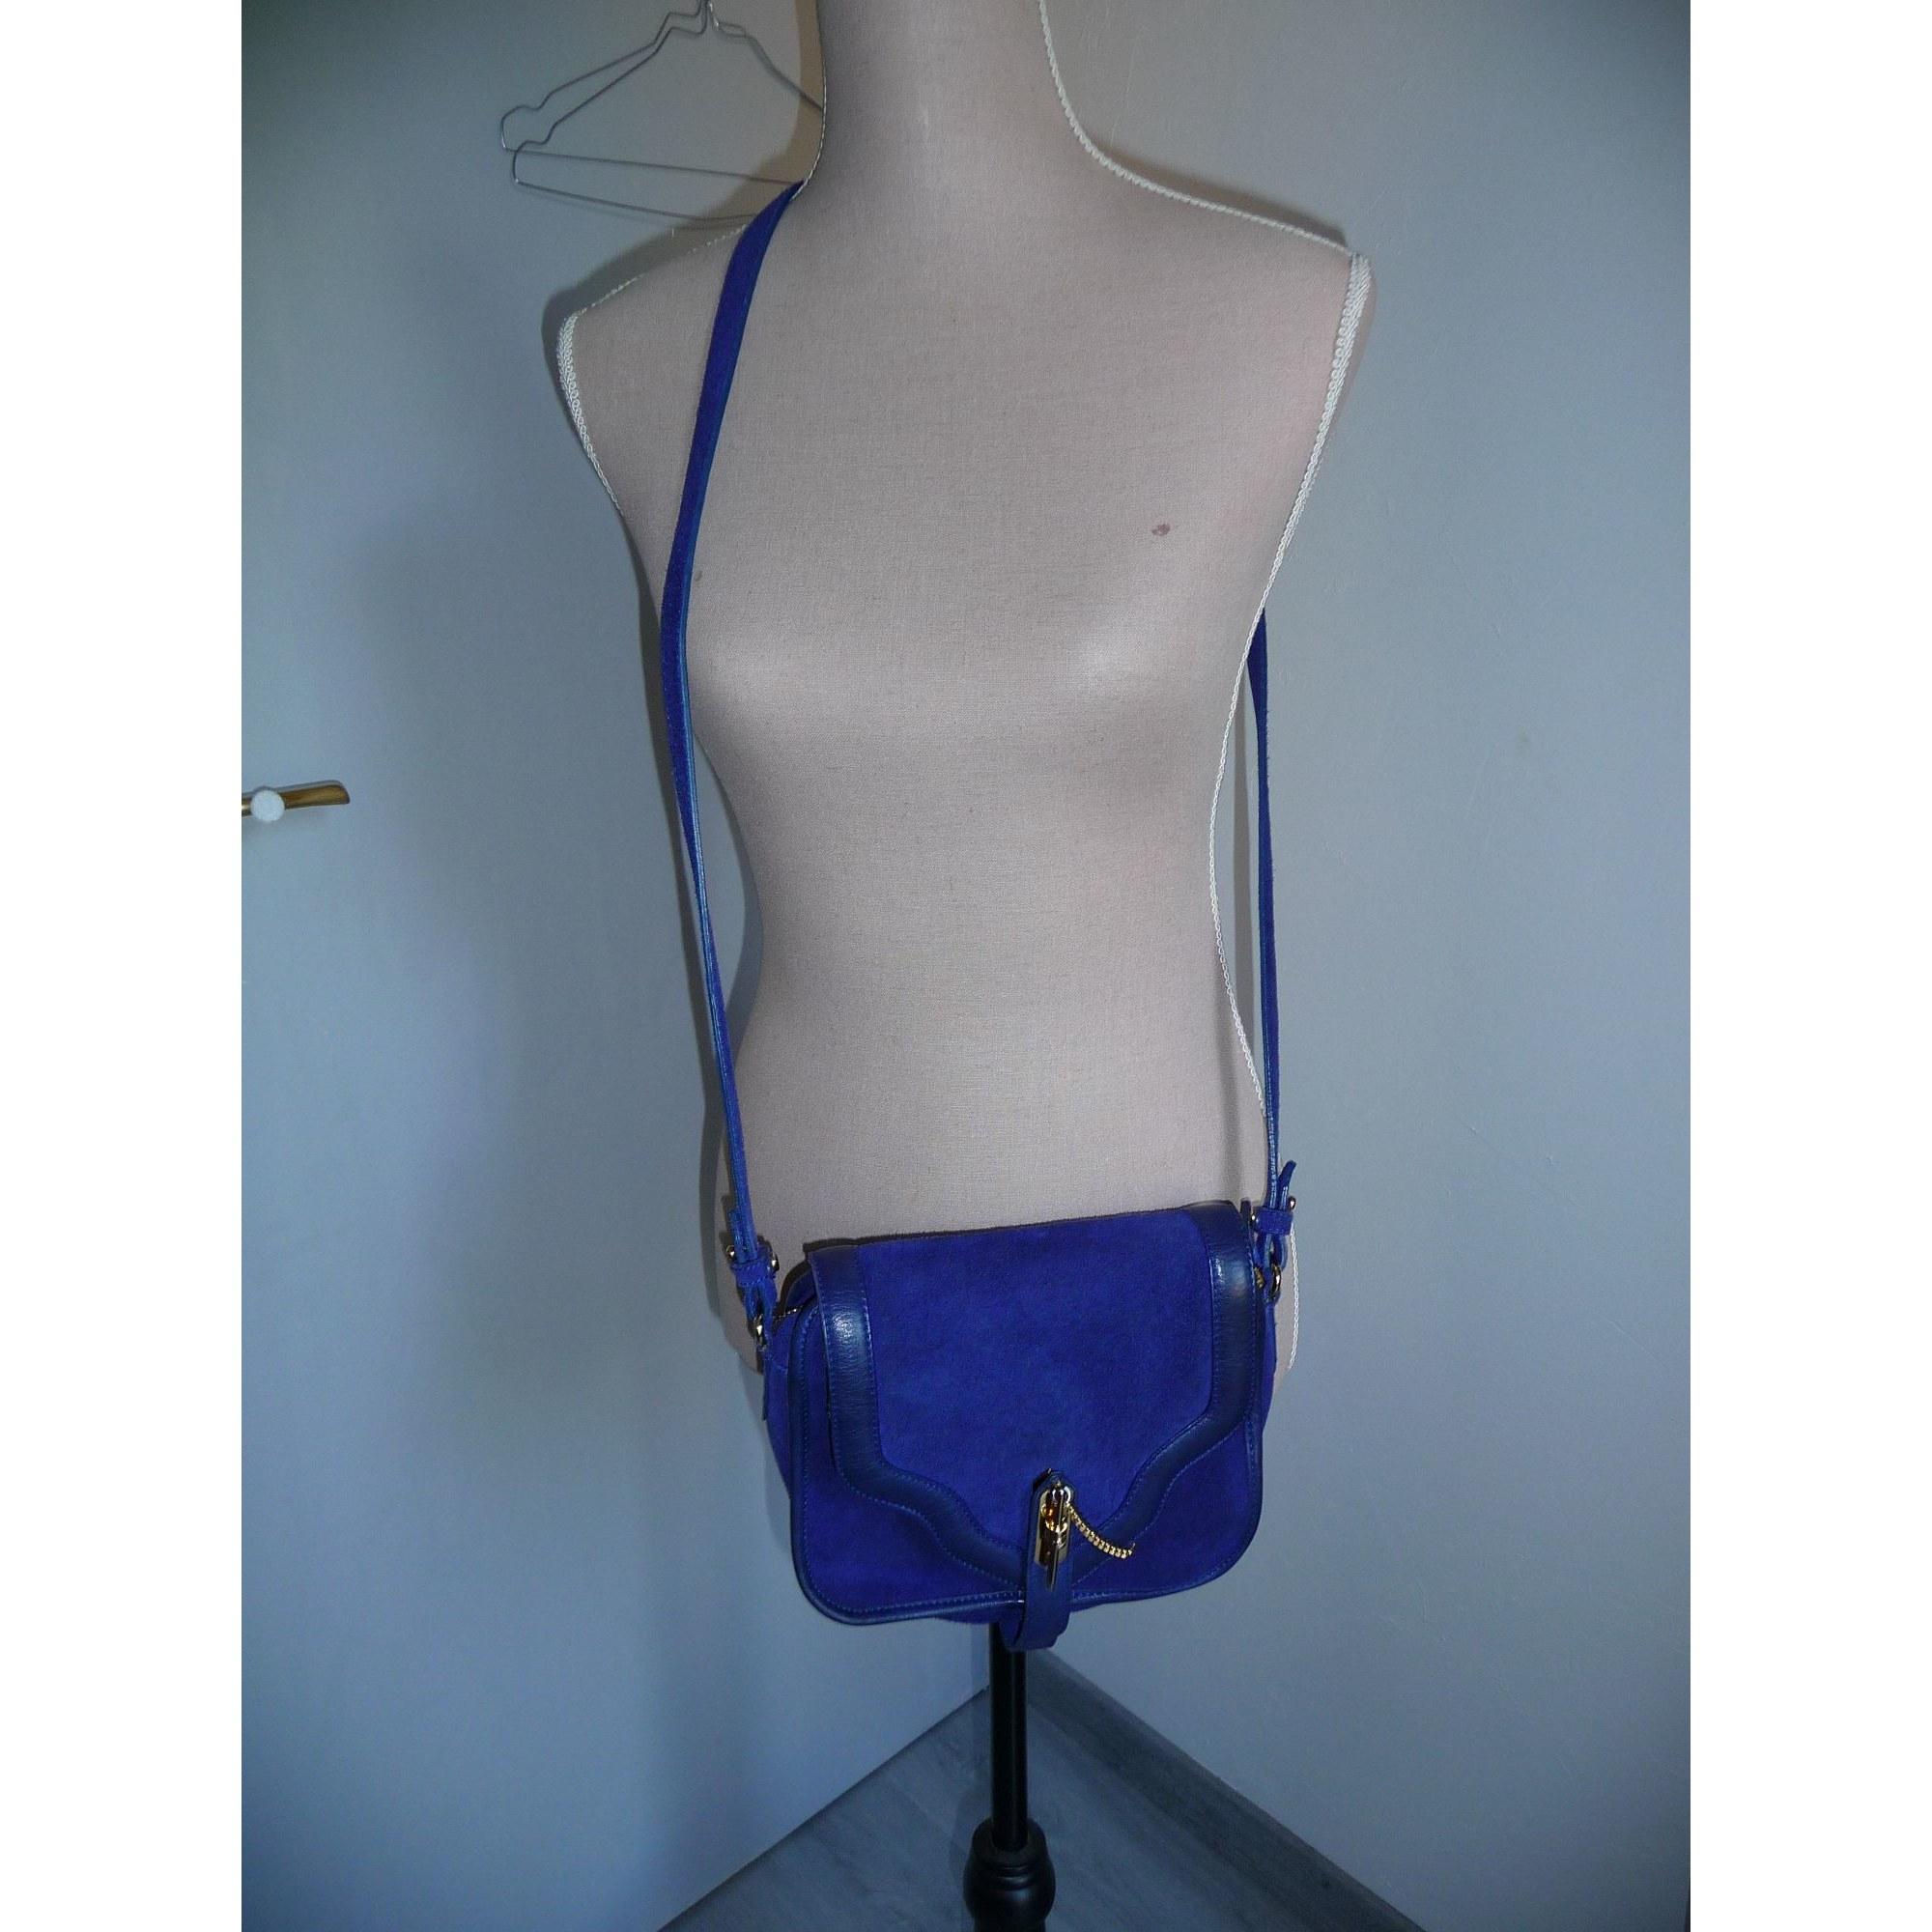 Sac en bandoulière en cuir ANDRÉ Bleu, bleu marine, bleu turquoise